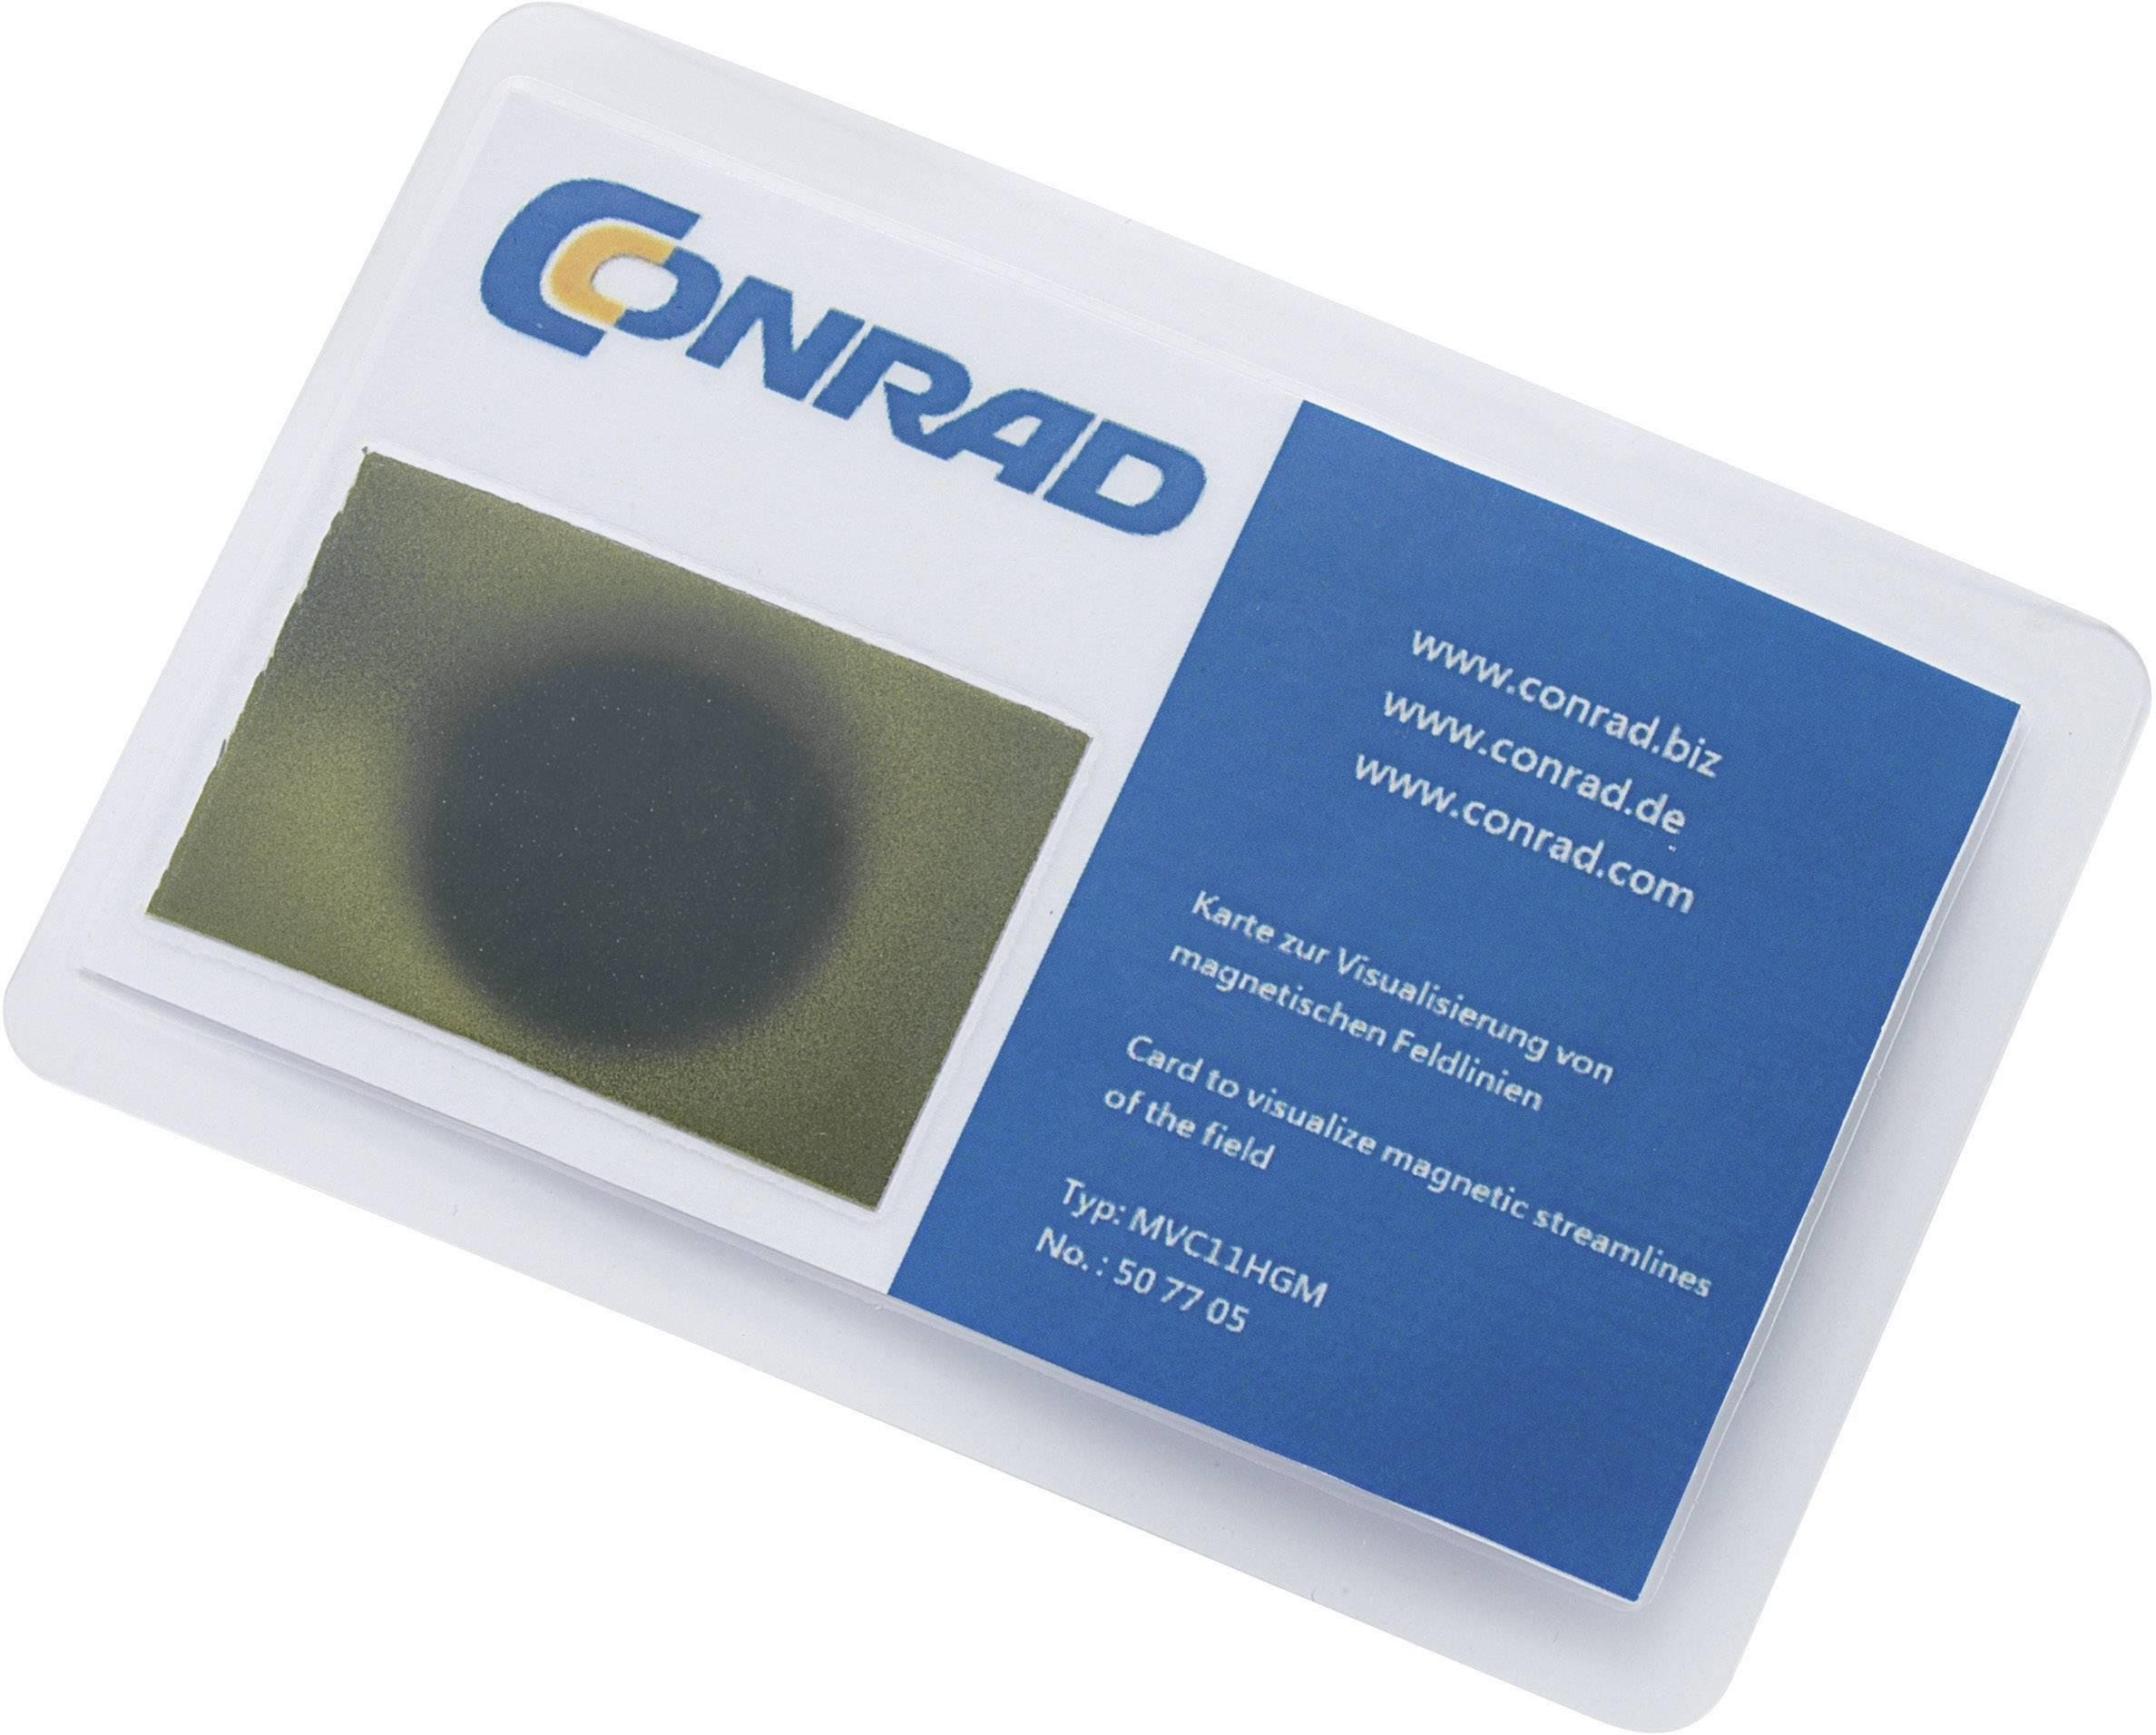 Karta pre vizualizáciu magnetického poľa, MVC11HGM, 95 x 65mm